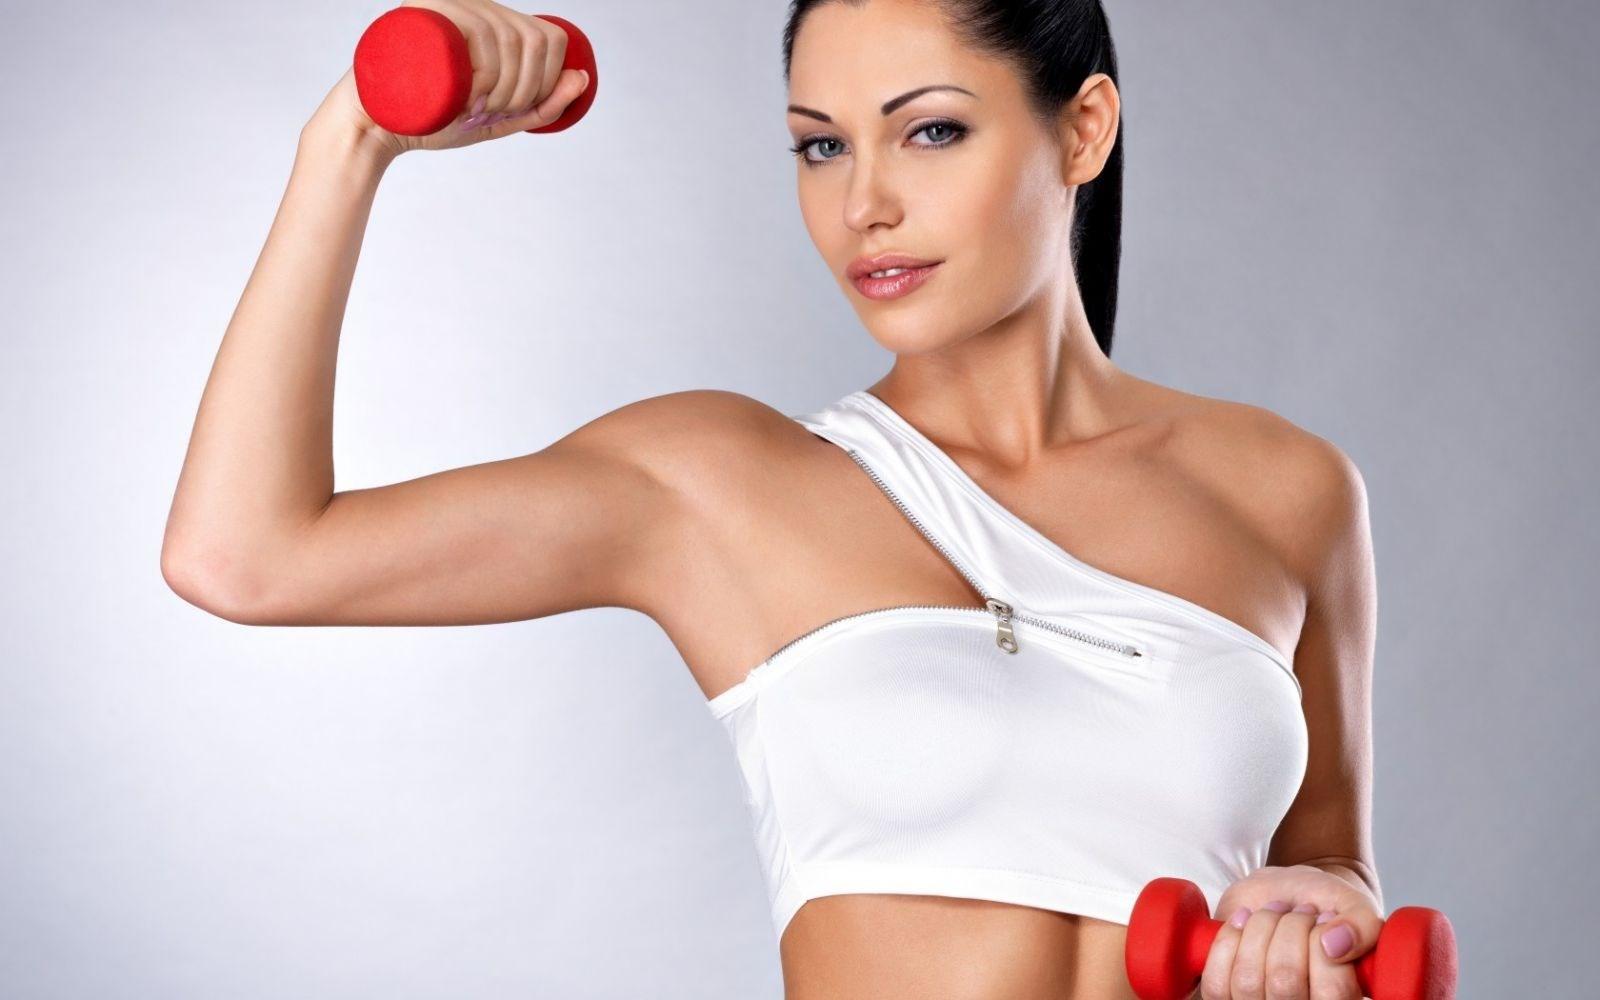 Упражнения при похудании оставить грудь прежней